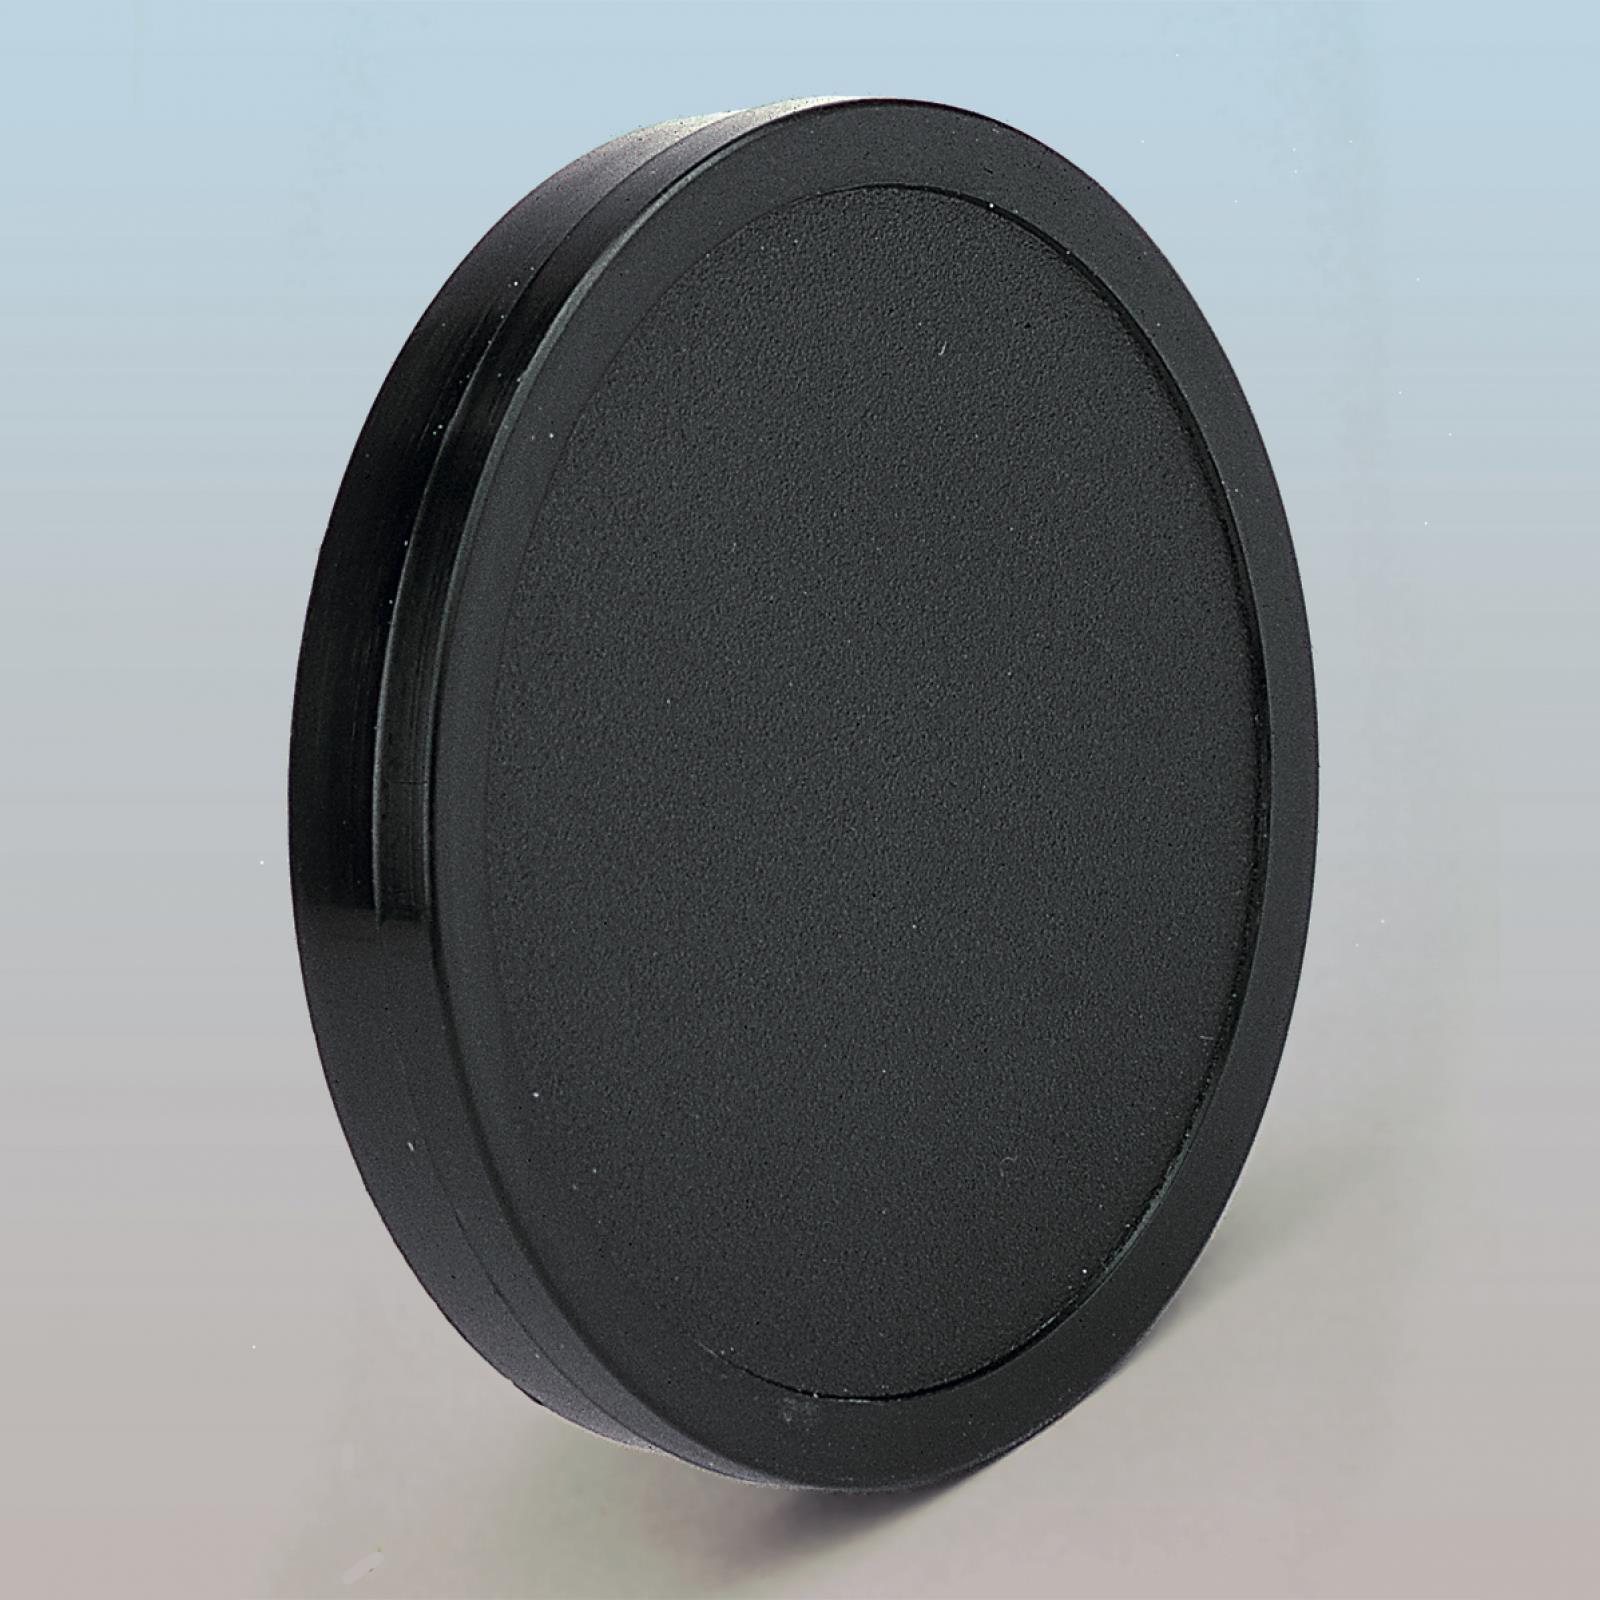 Kaiser Fototechnik Objektiv-Aufsteckdeckel für 65 mm Außendurchmesser